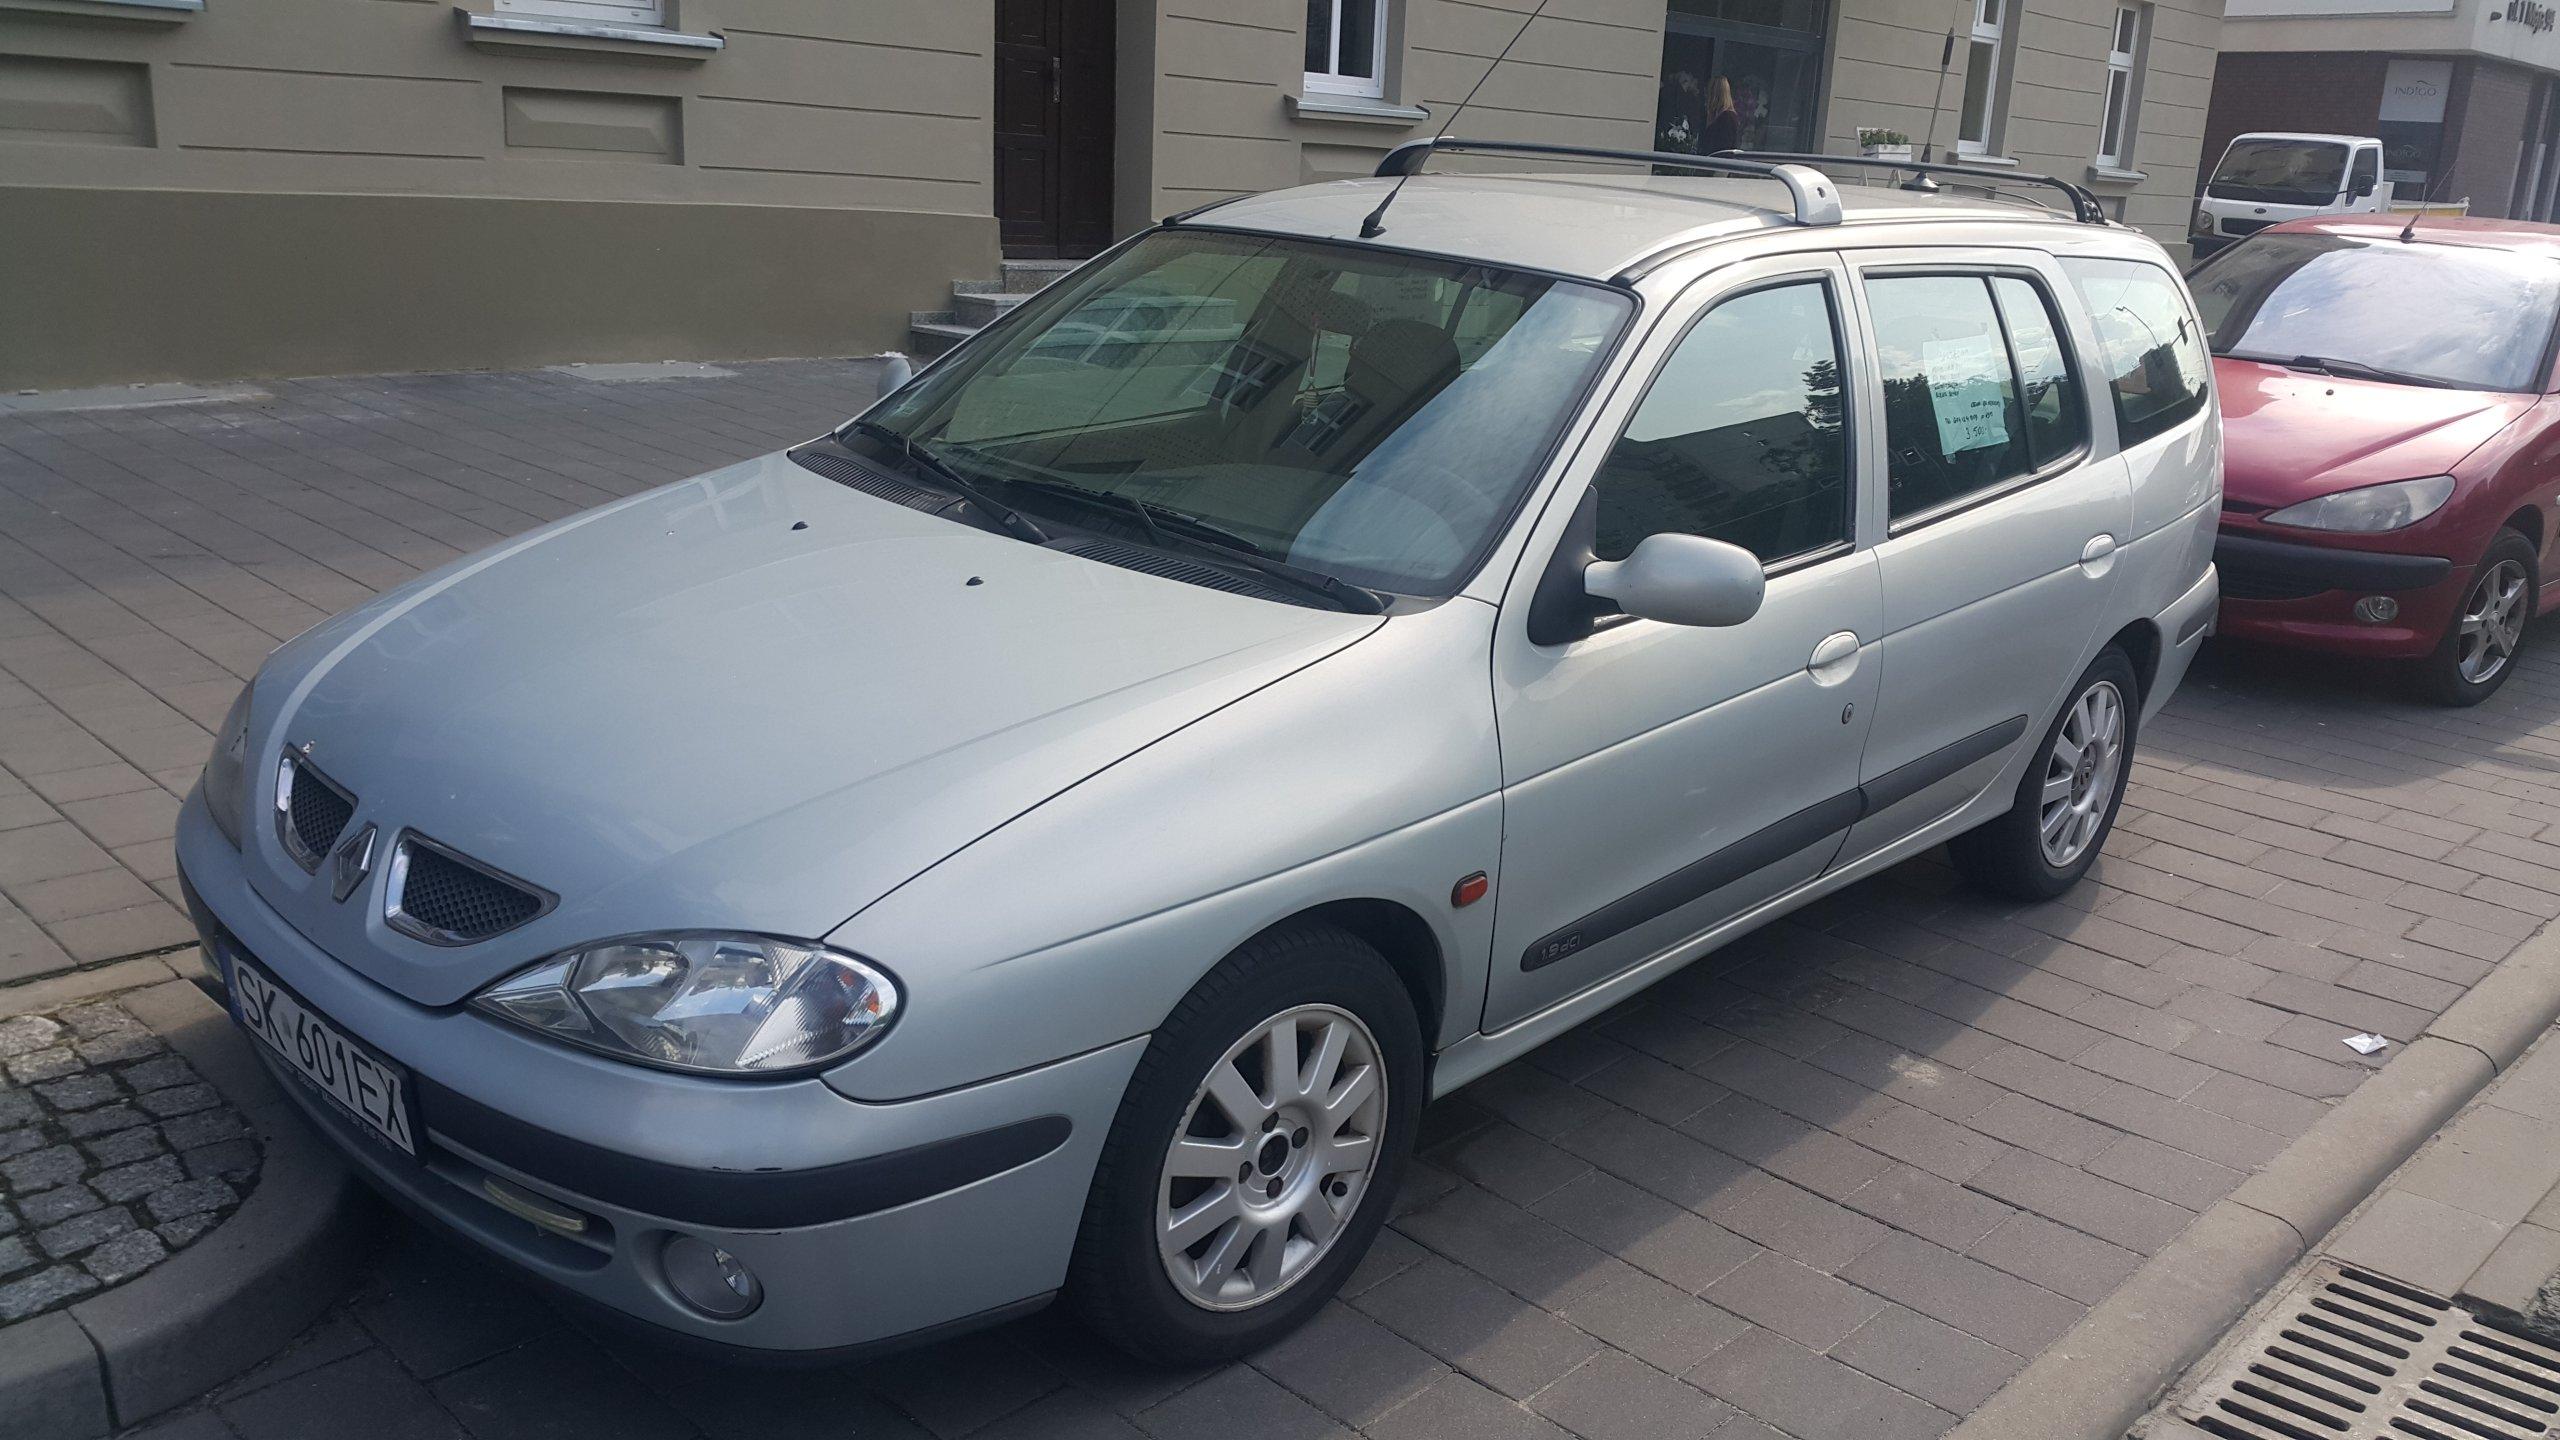 Wspaniały Renault Megane Kombi 1.9 dci 2001! 100% sprawny! - 7364174512 CV44